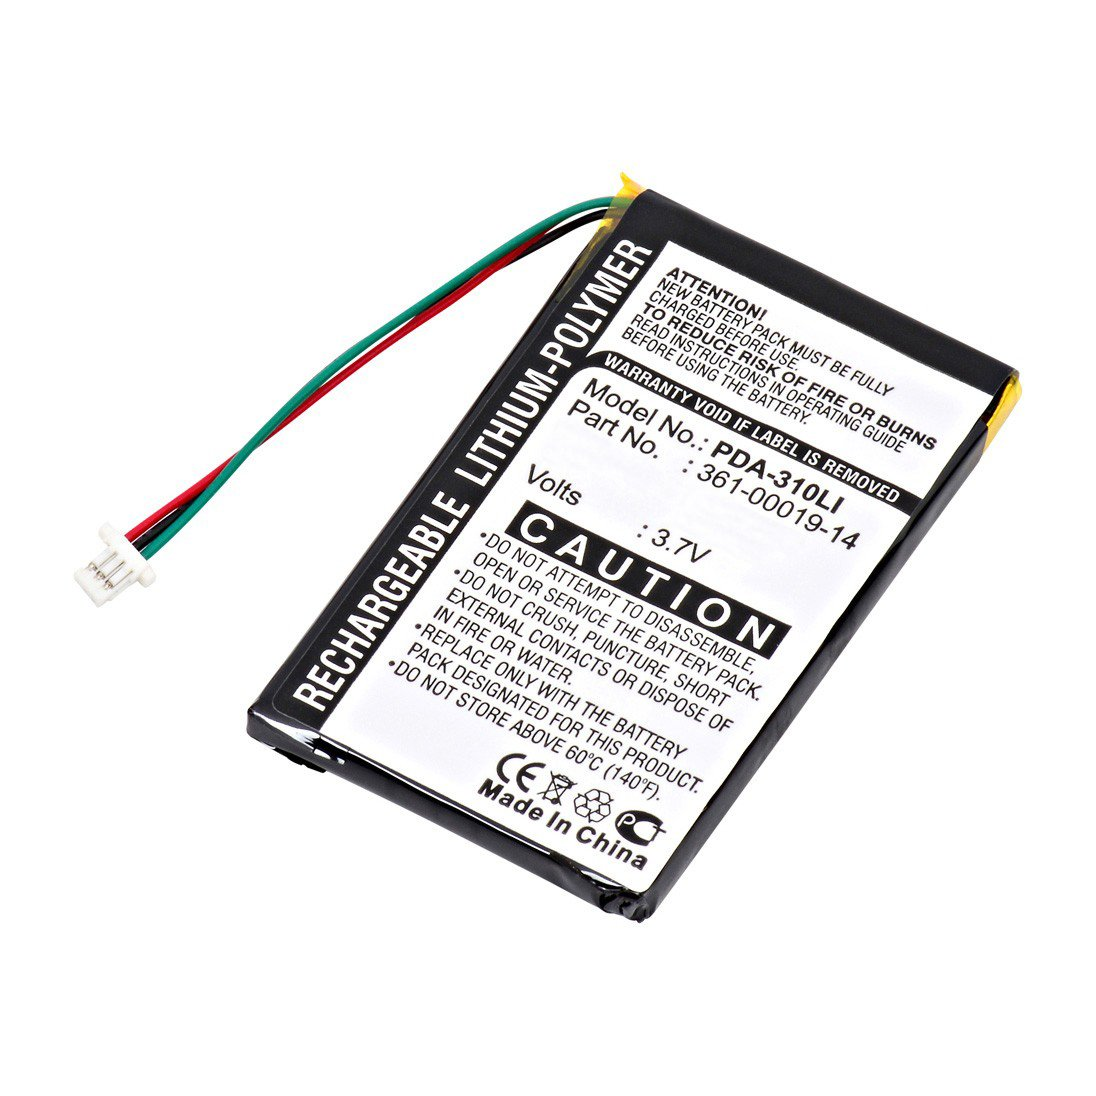 Replacement Garmin 361-00019-14 Battery: BatteryMart.com